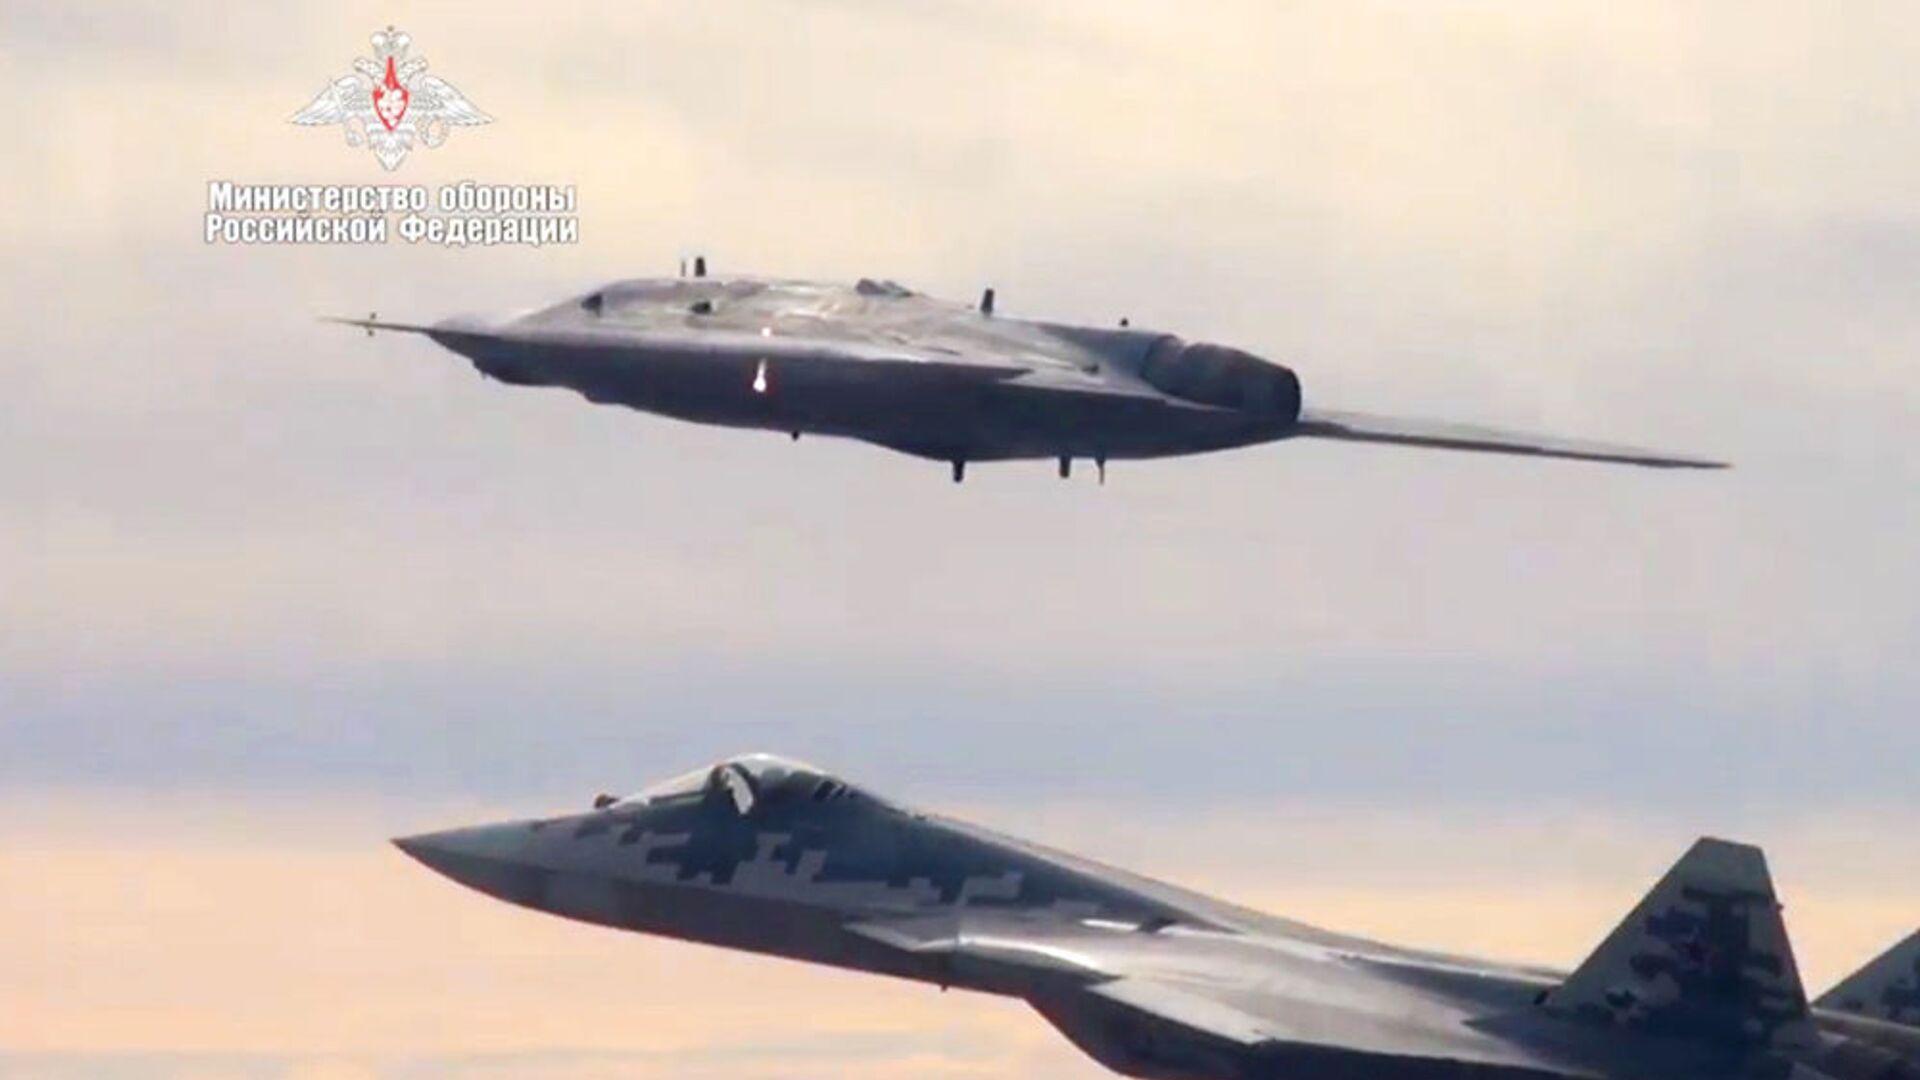 Máy bay tấn công không người lái Okhotnik thực hiện chuyến bay chung với Su-57. - Sputnik Việt Nam, 1920, 05.10.2021